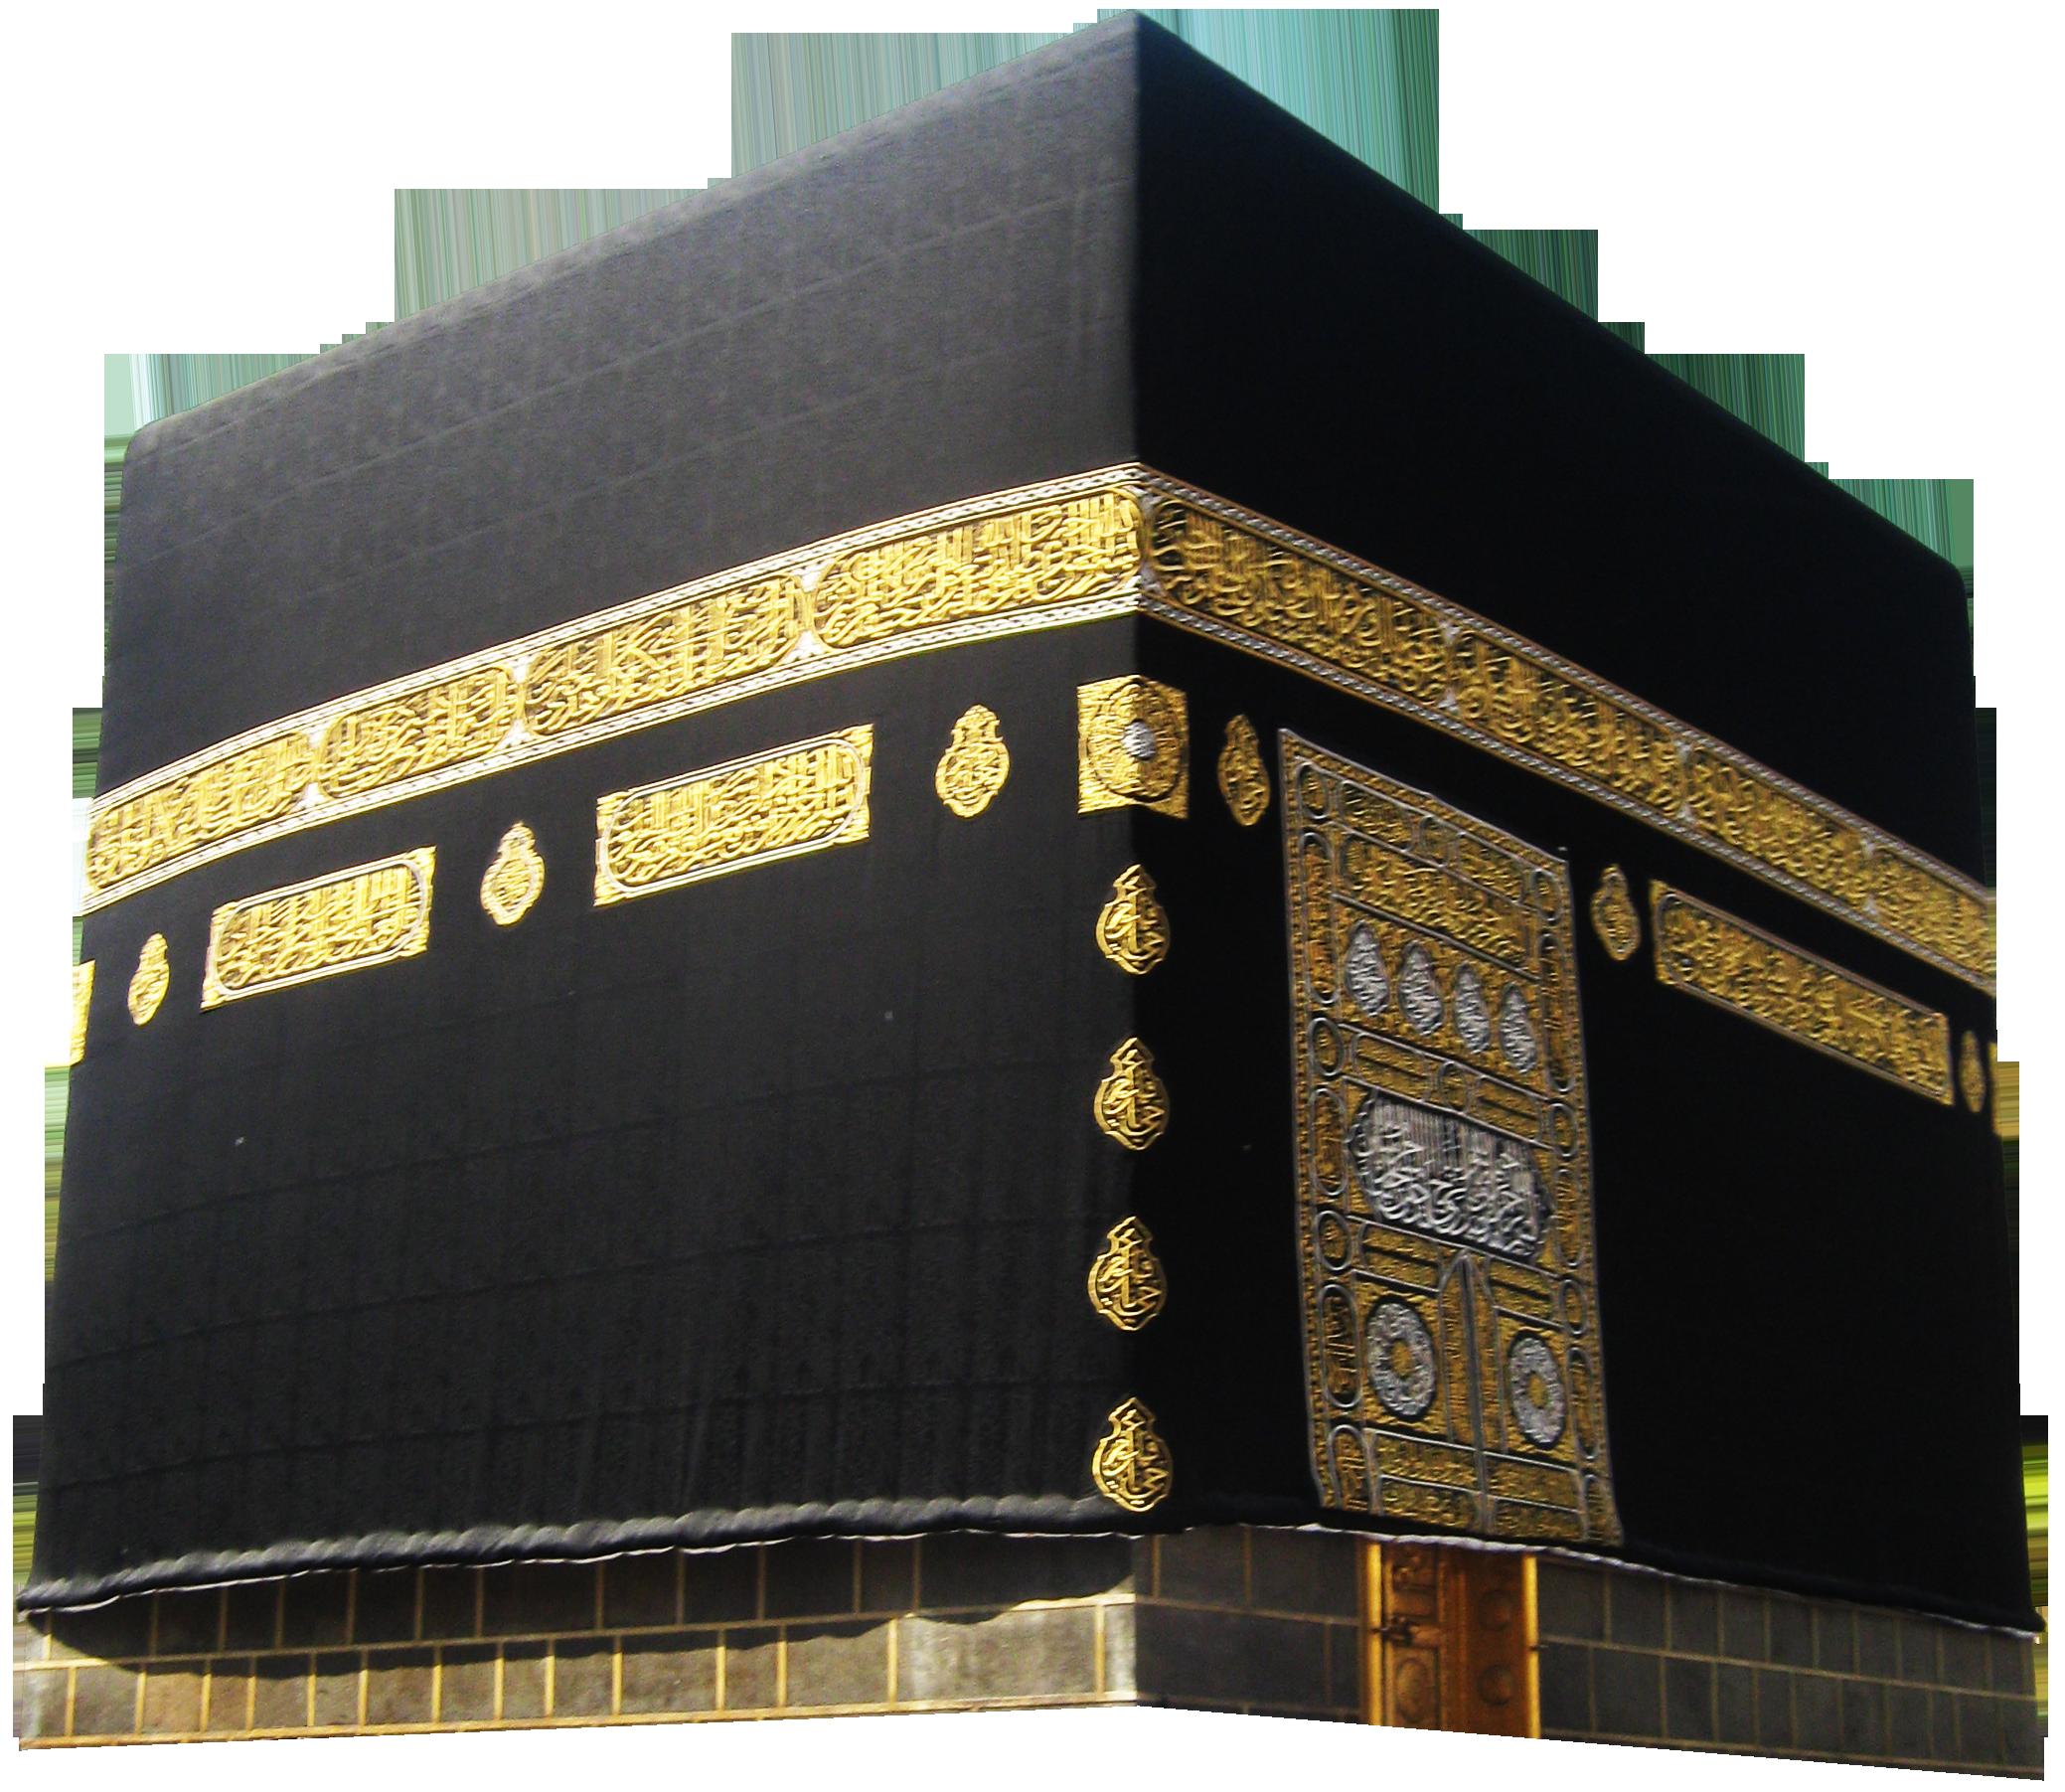 صور الكعبة المشرفة دقة عالية مفرغة الخلفية Phone Wallpaper Images Islamic Wallpaper Hazrat Imam Hussain